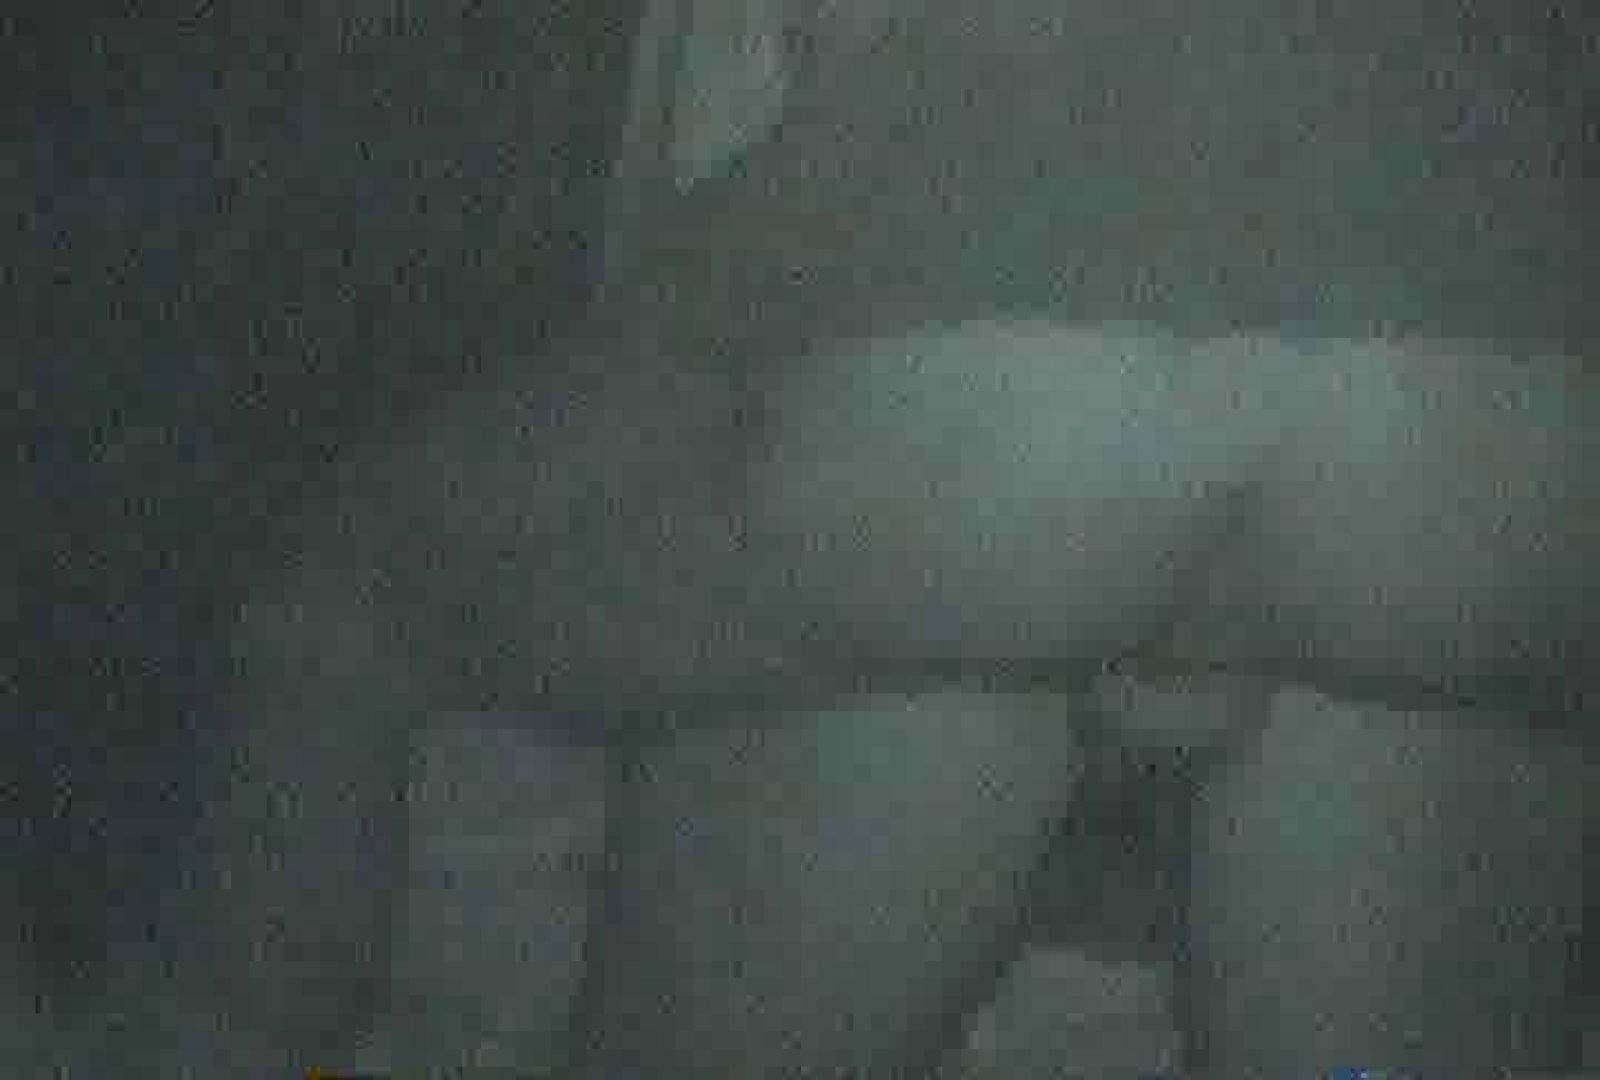 充血監督の深夜の運動会Vol.50 美しいOLの裸体 オメコ無修正動画無料 80pic 23